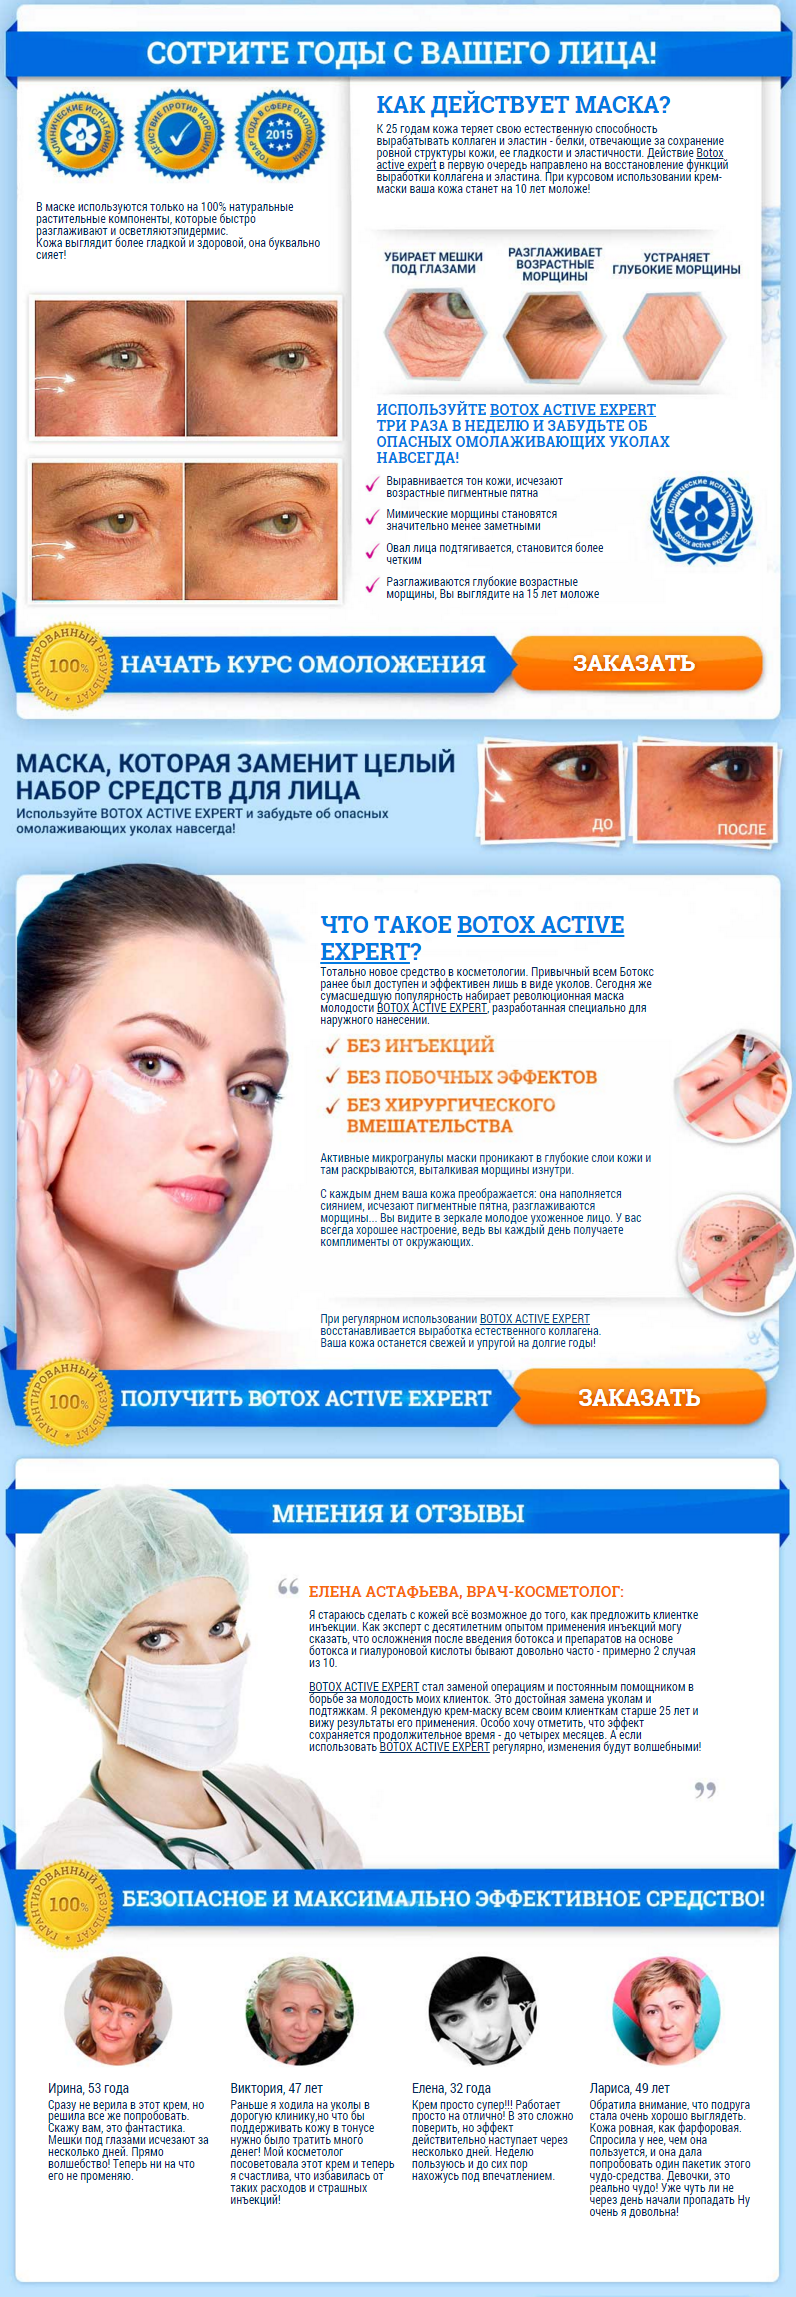 Омолаживающая маска для лица от морщин Botox Active Expert (Ботокс Актив Эксперт) - фото 4